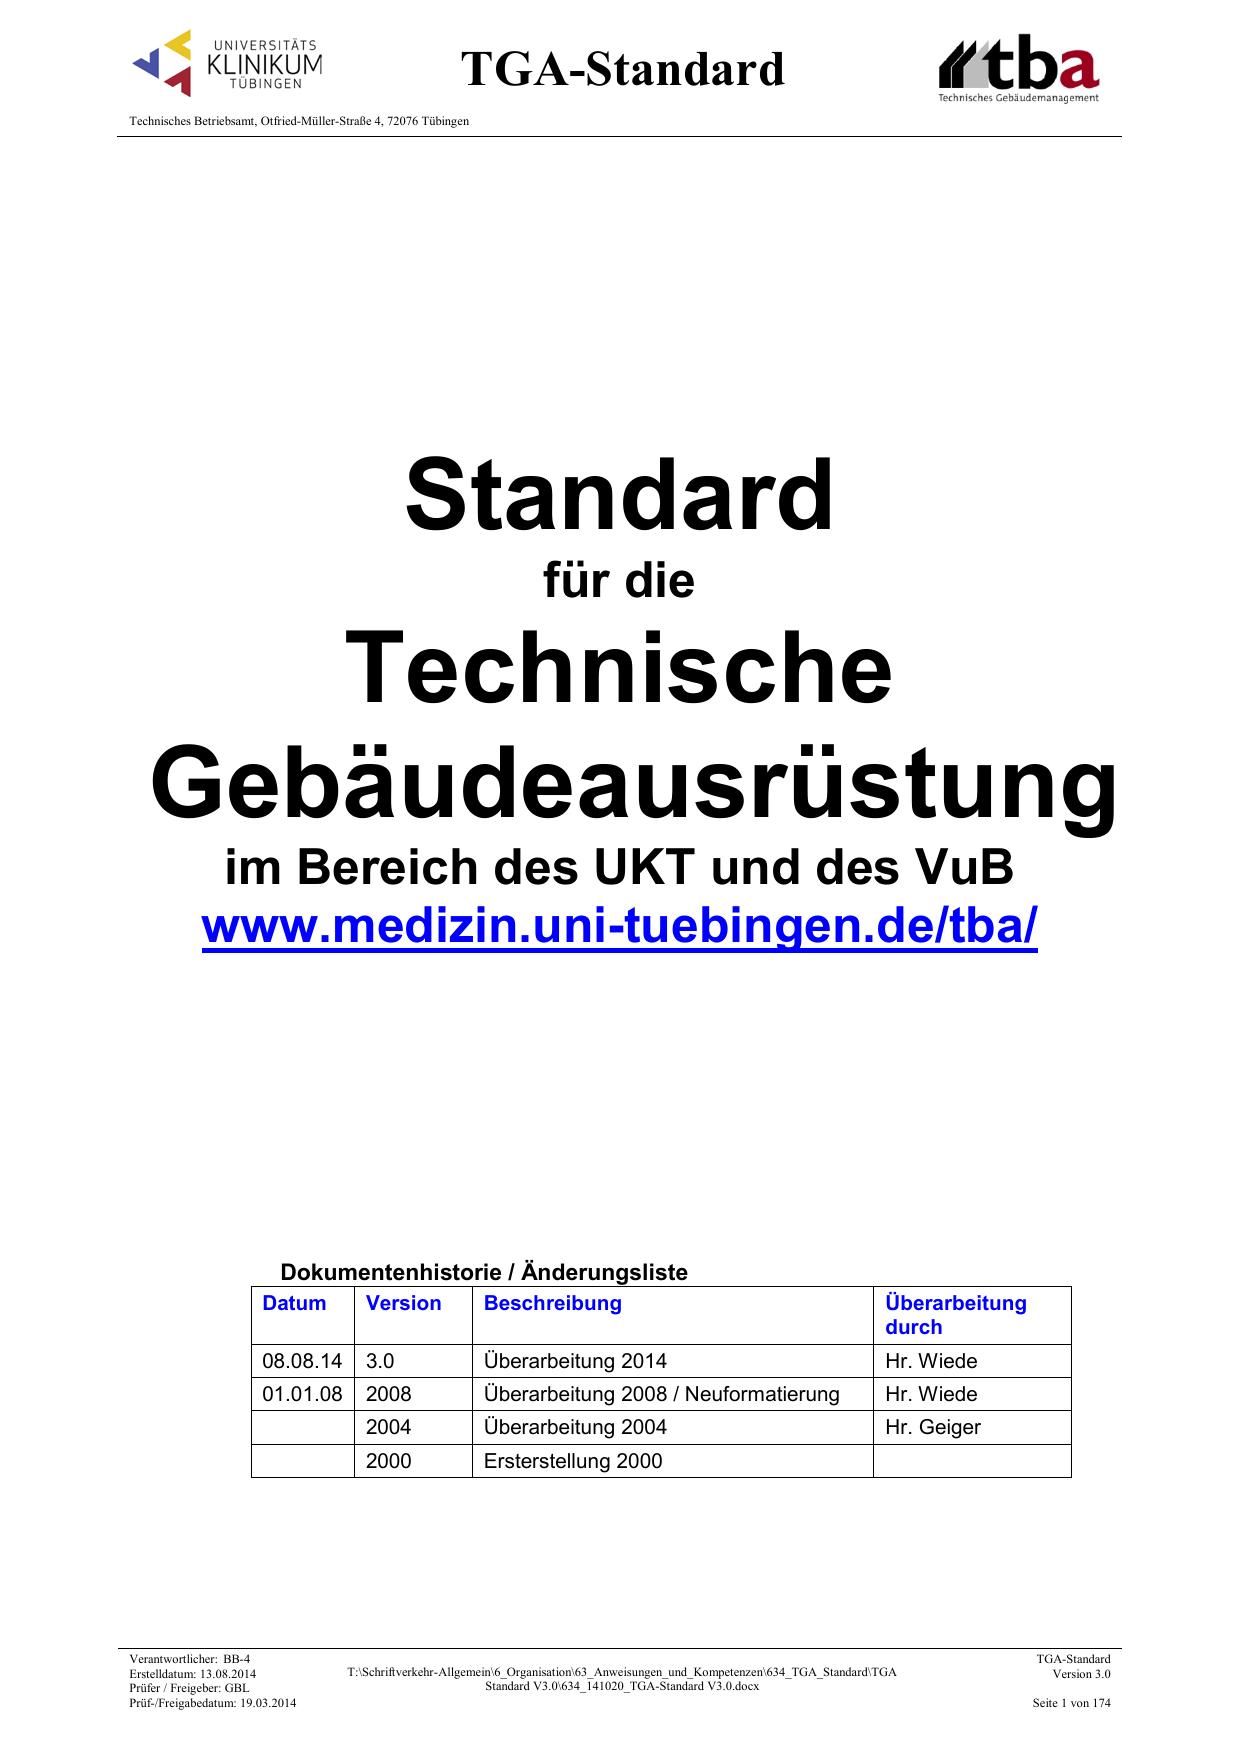 TGA-Standard - Technisches Betriebsamt | manualzz.com